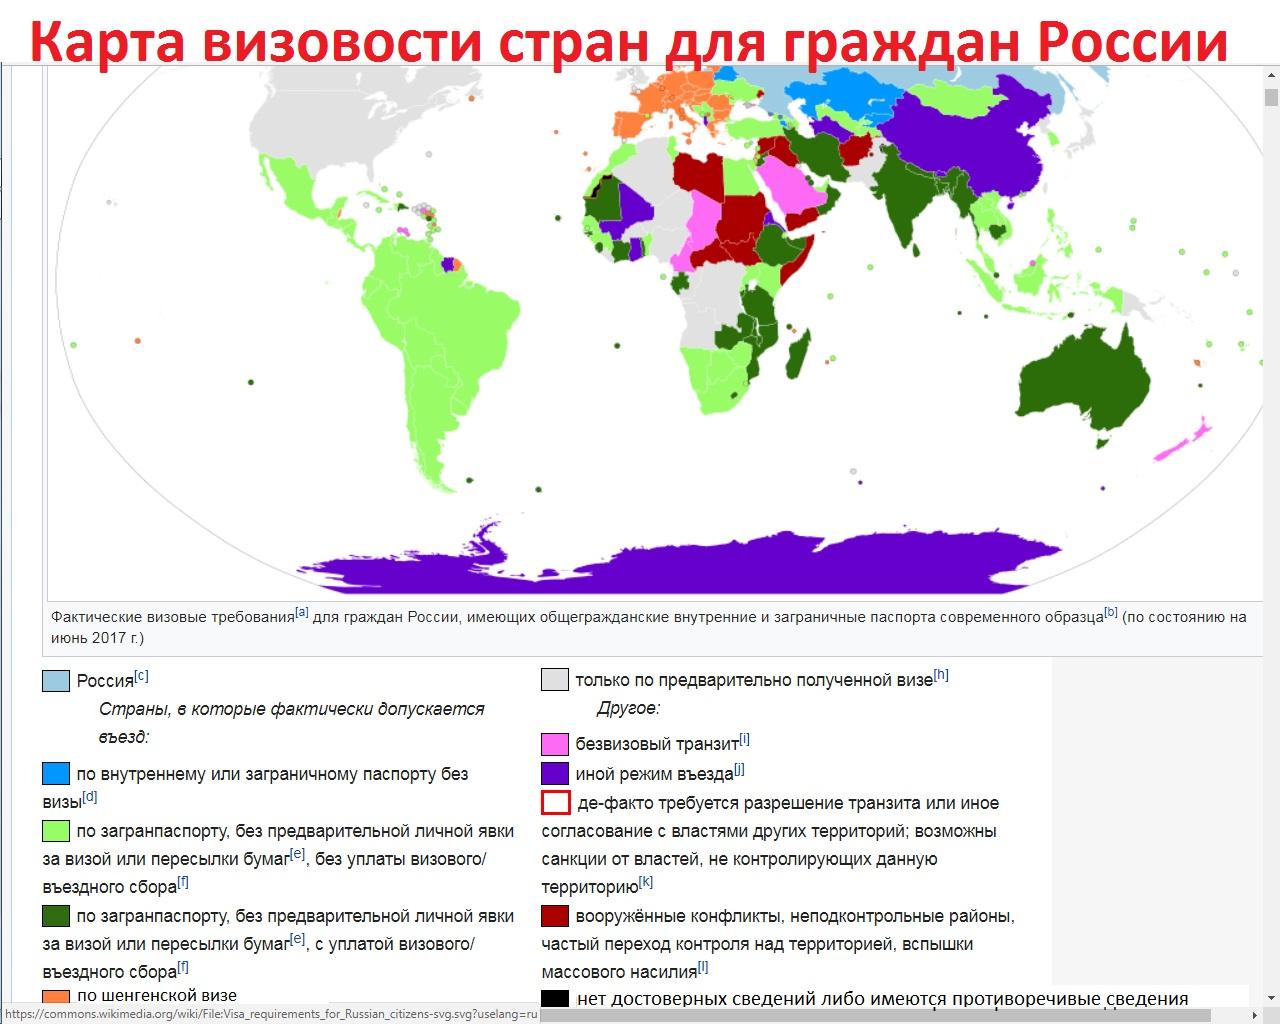 Карта степени визовости стран для граждан России